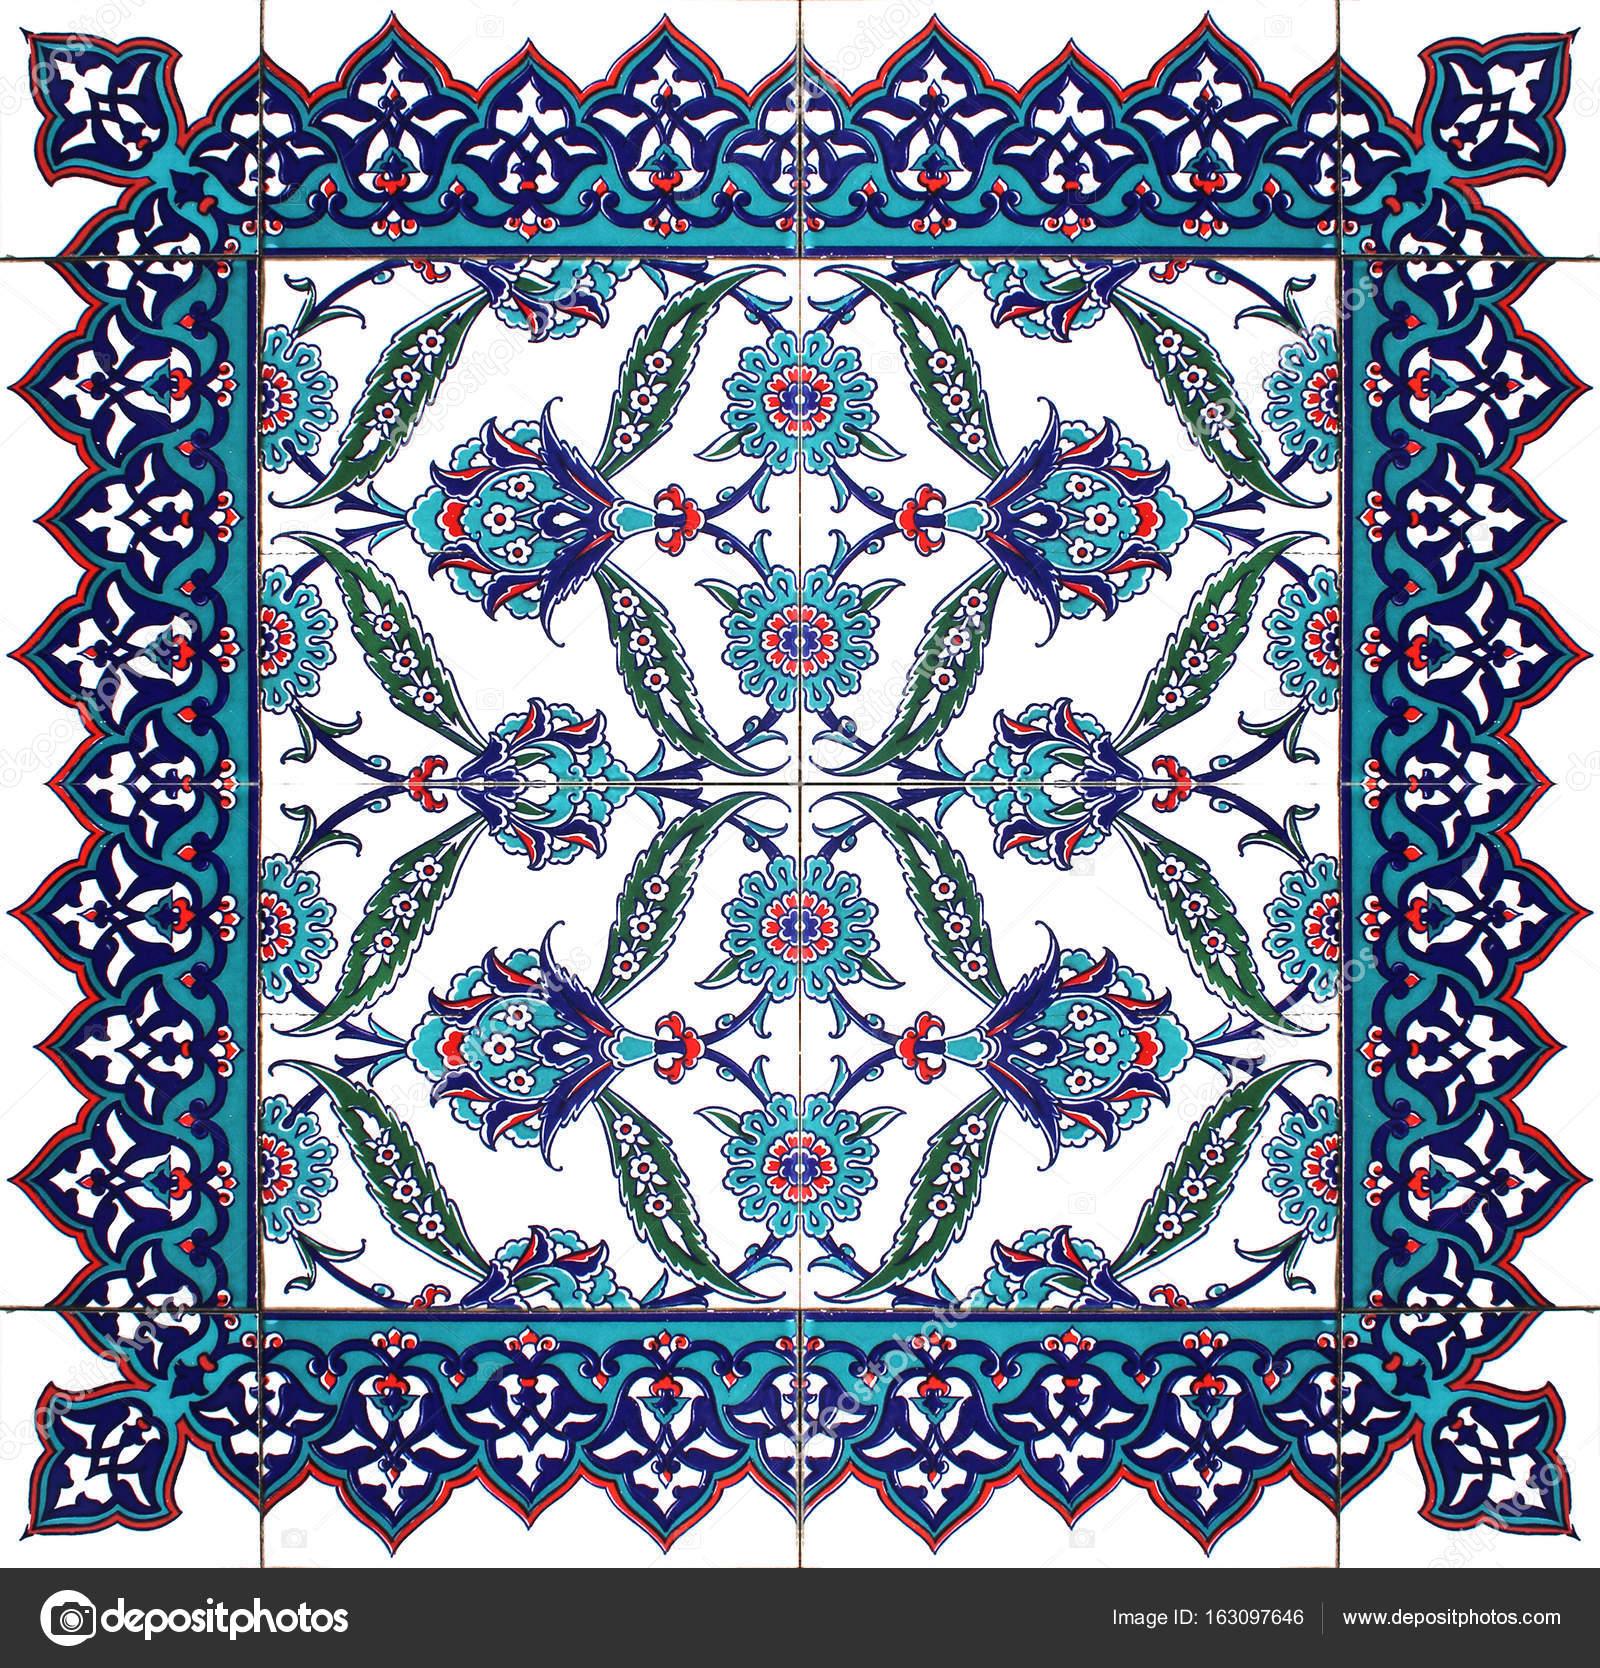 Orientalische Fliesen Muster Floral Ornament Blau Weiss Grun